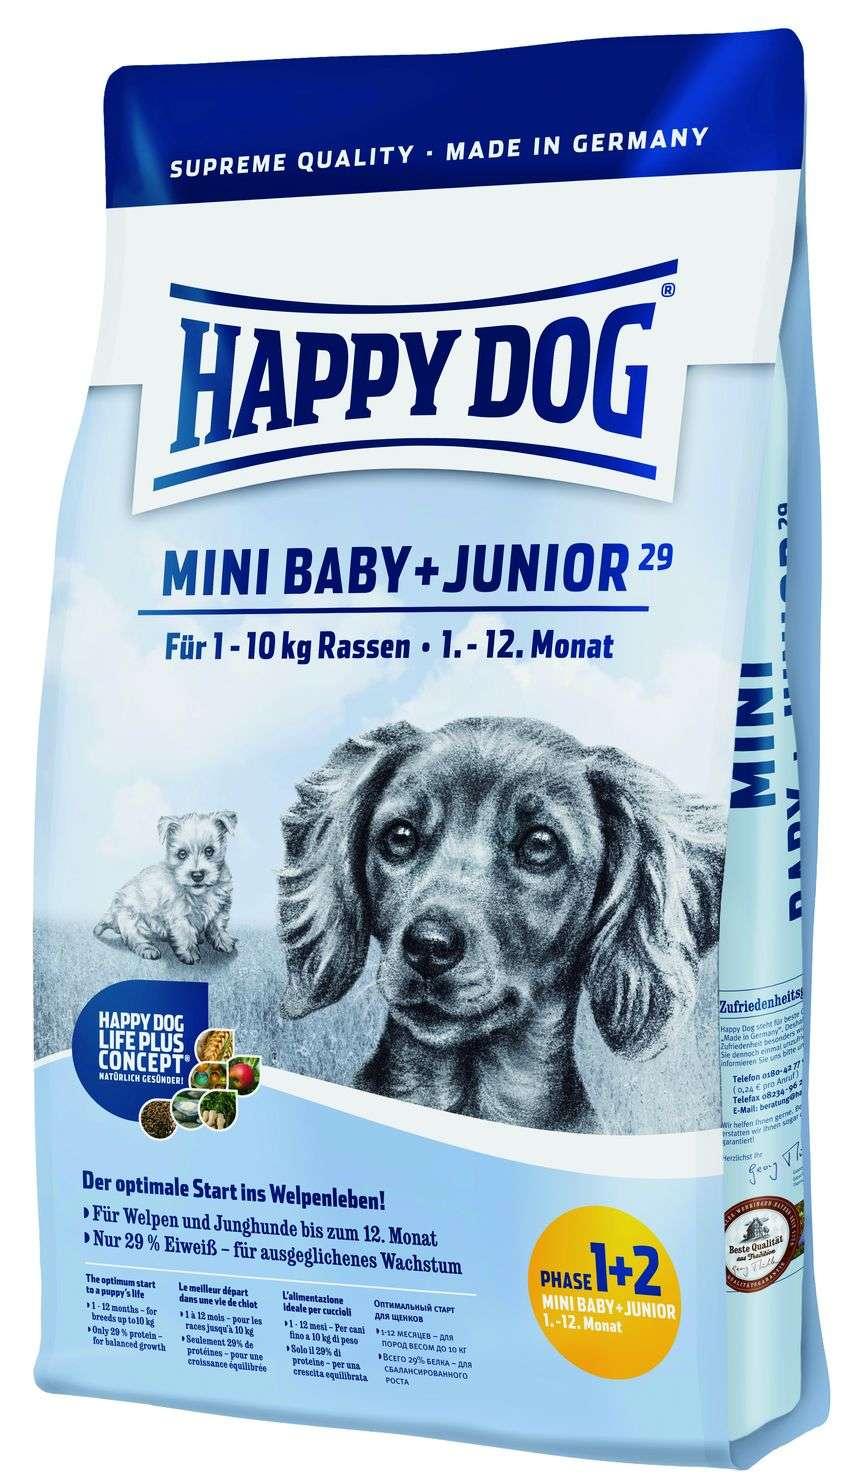 Mini Baby + Junior 29 4kg